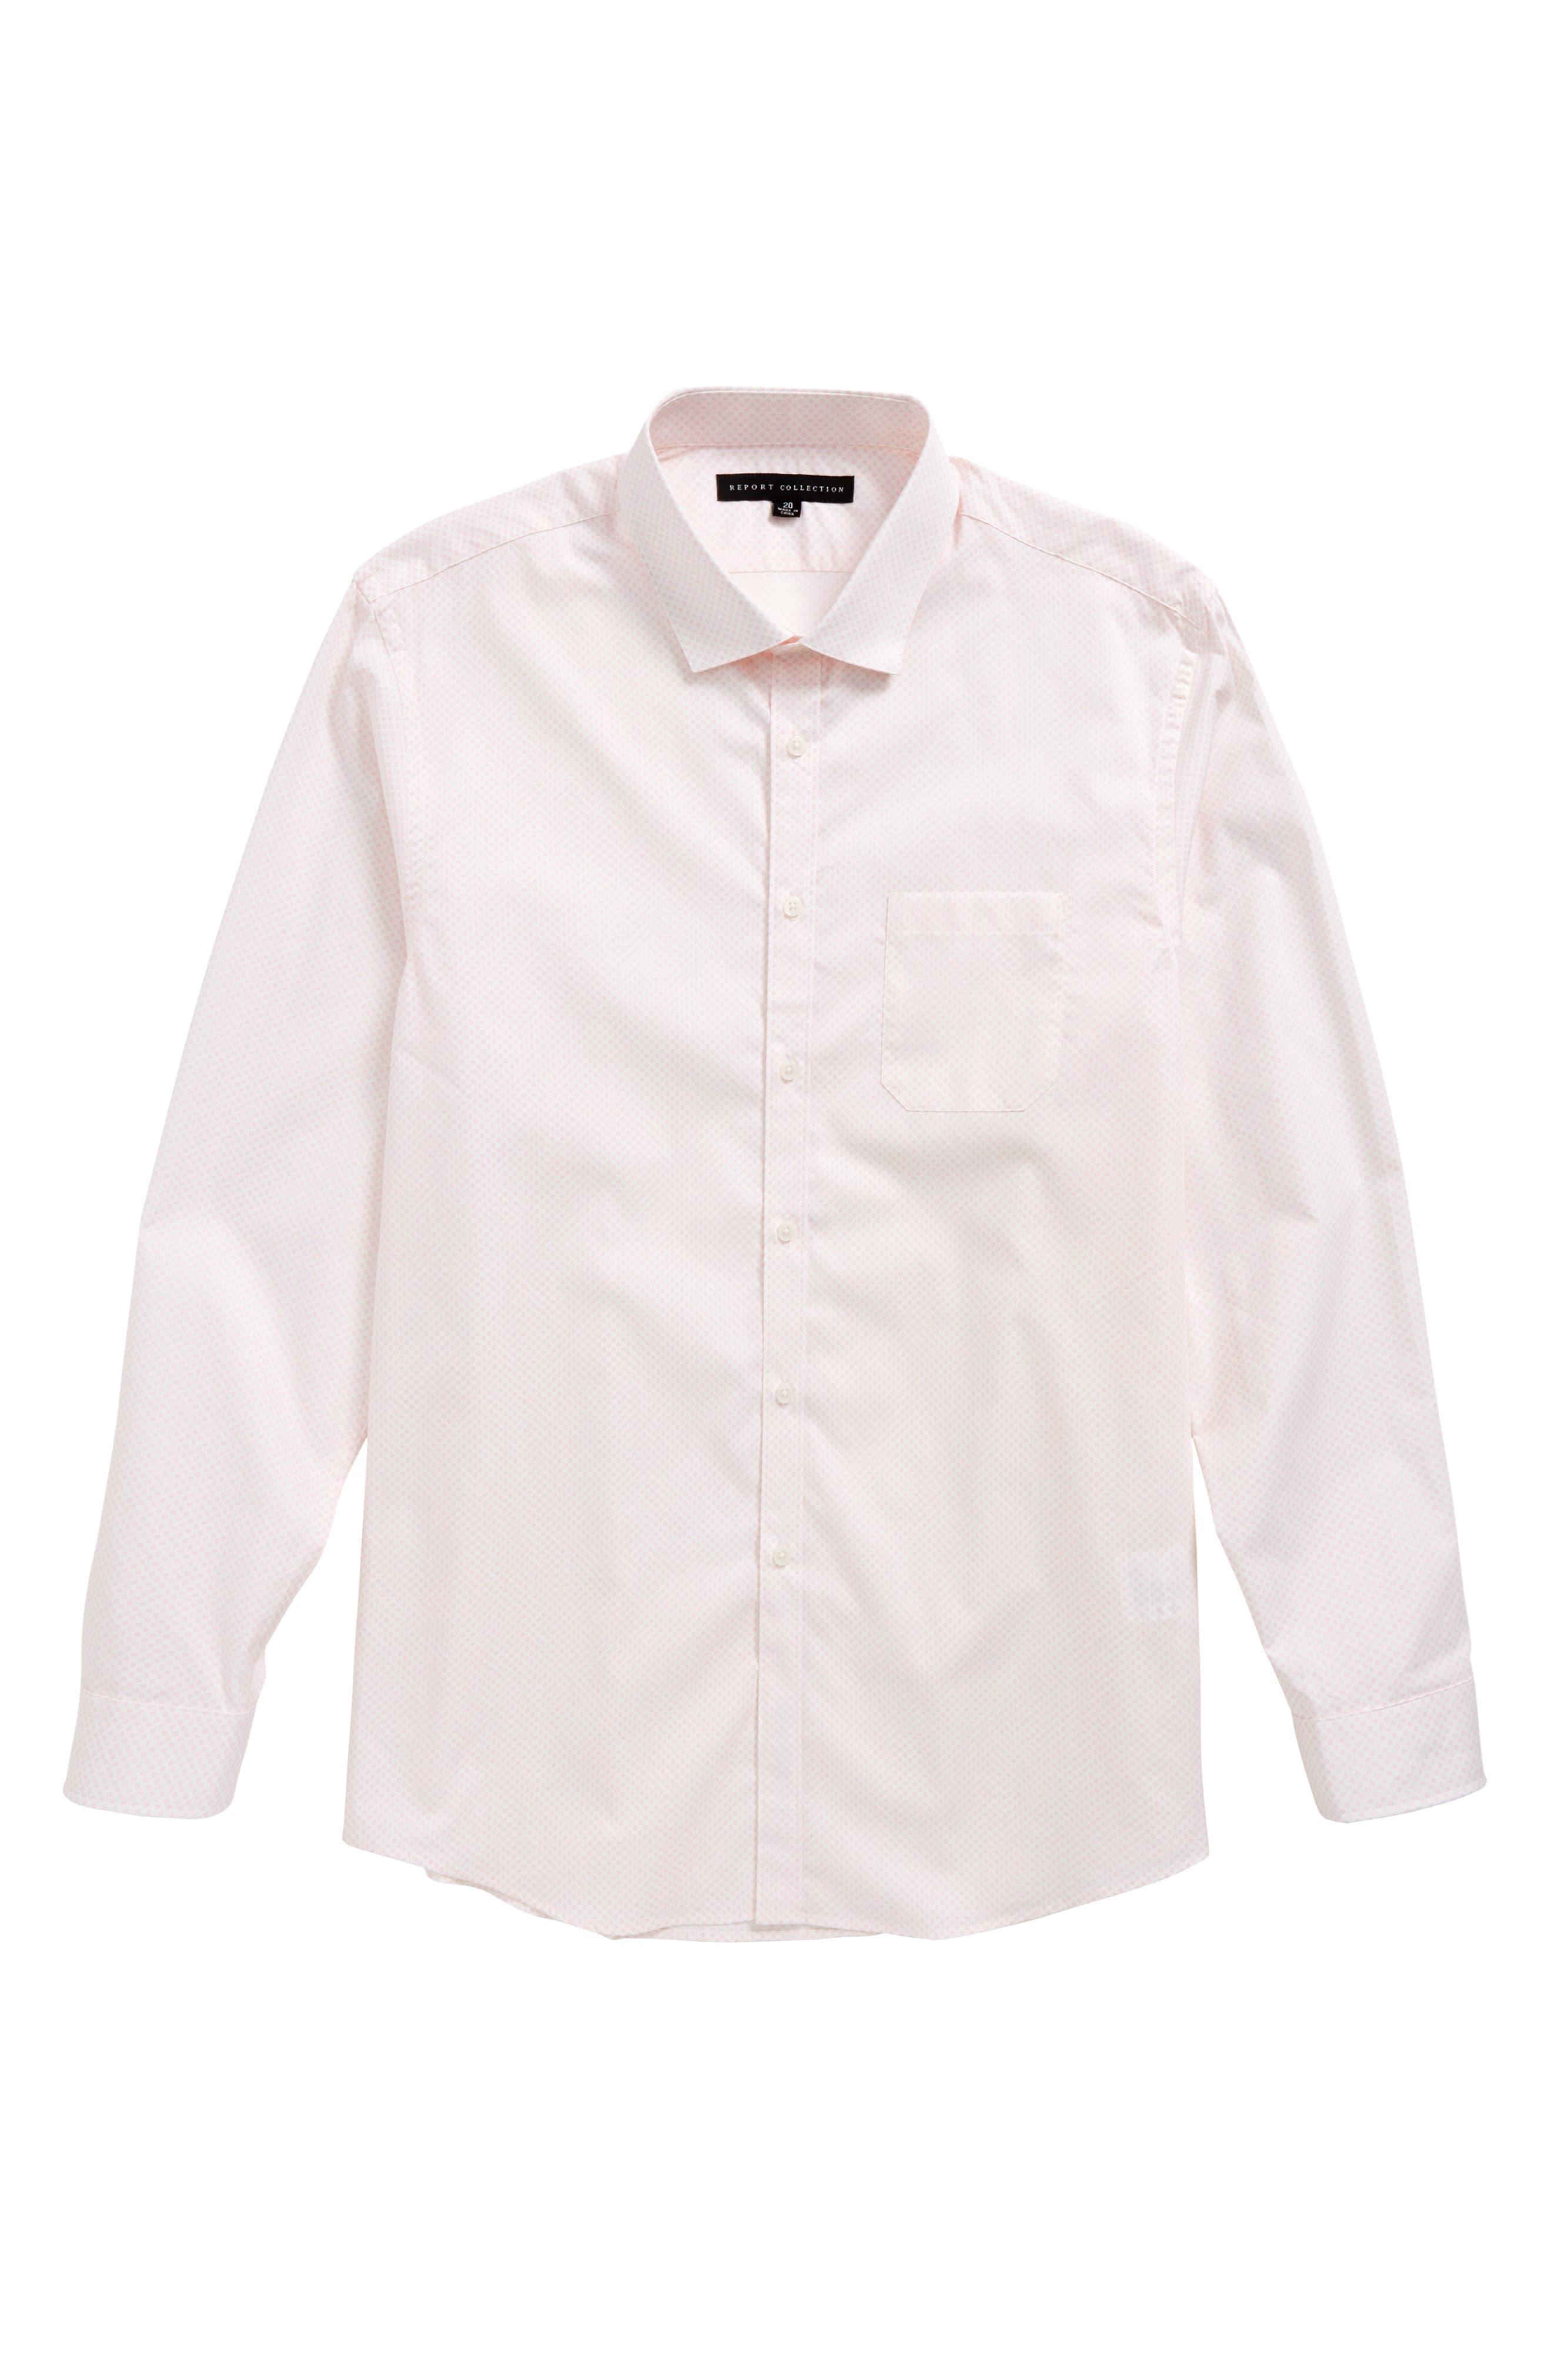 Dot Print Dress Shirt,                         Main,                         color, Pink